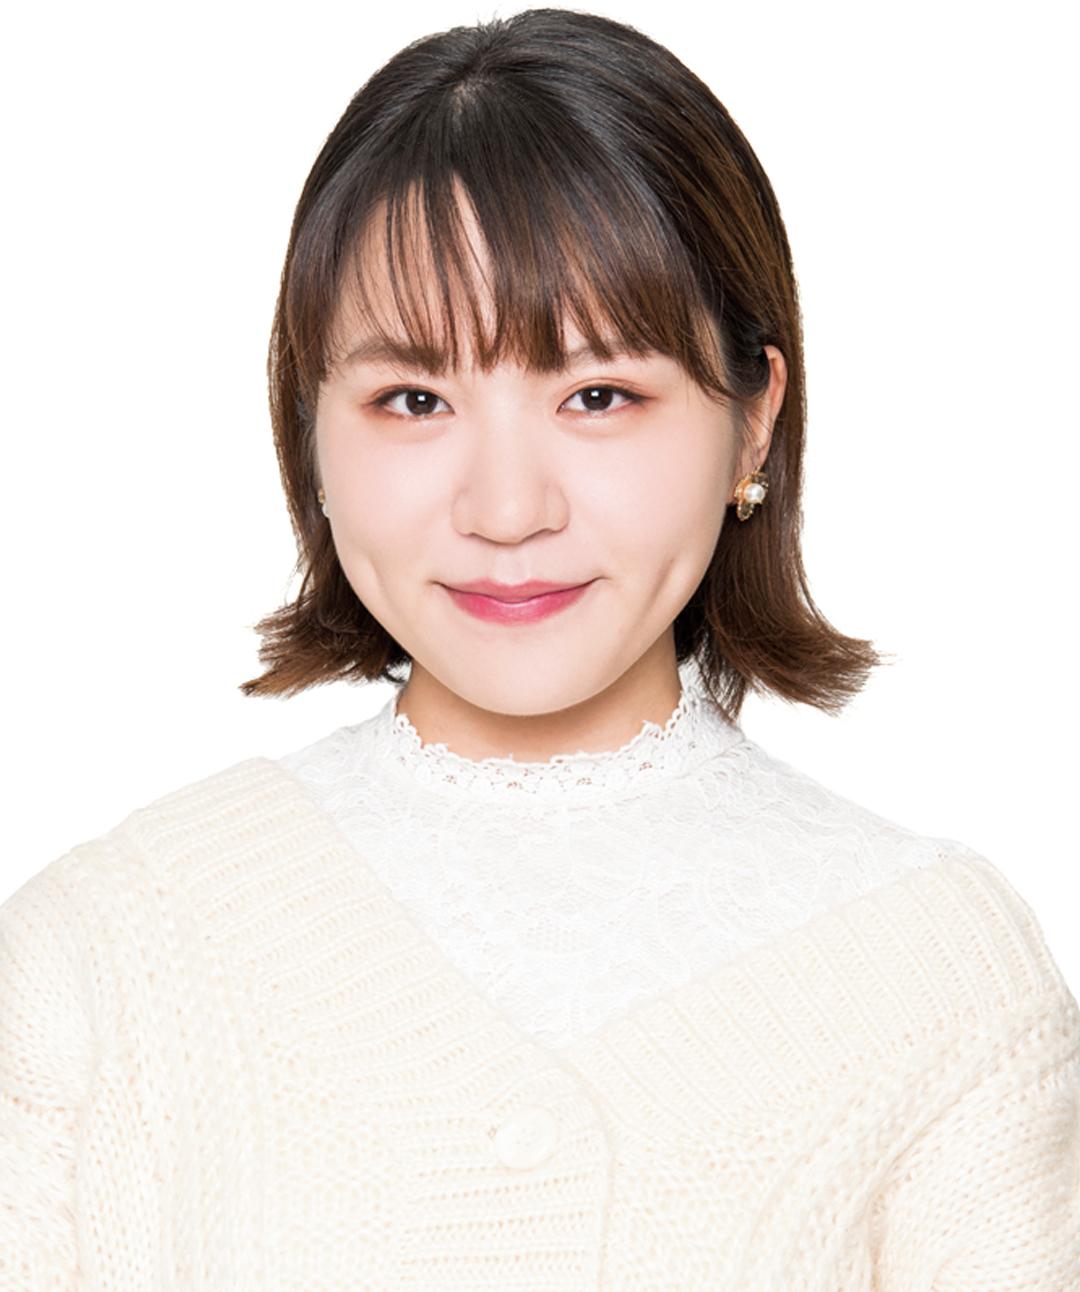 祝♡ 新加入! 5期生のブログをまとめてチェック【カワイイ選抜】_1_10-1